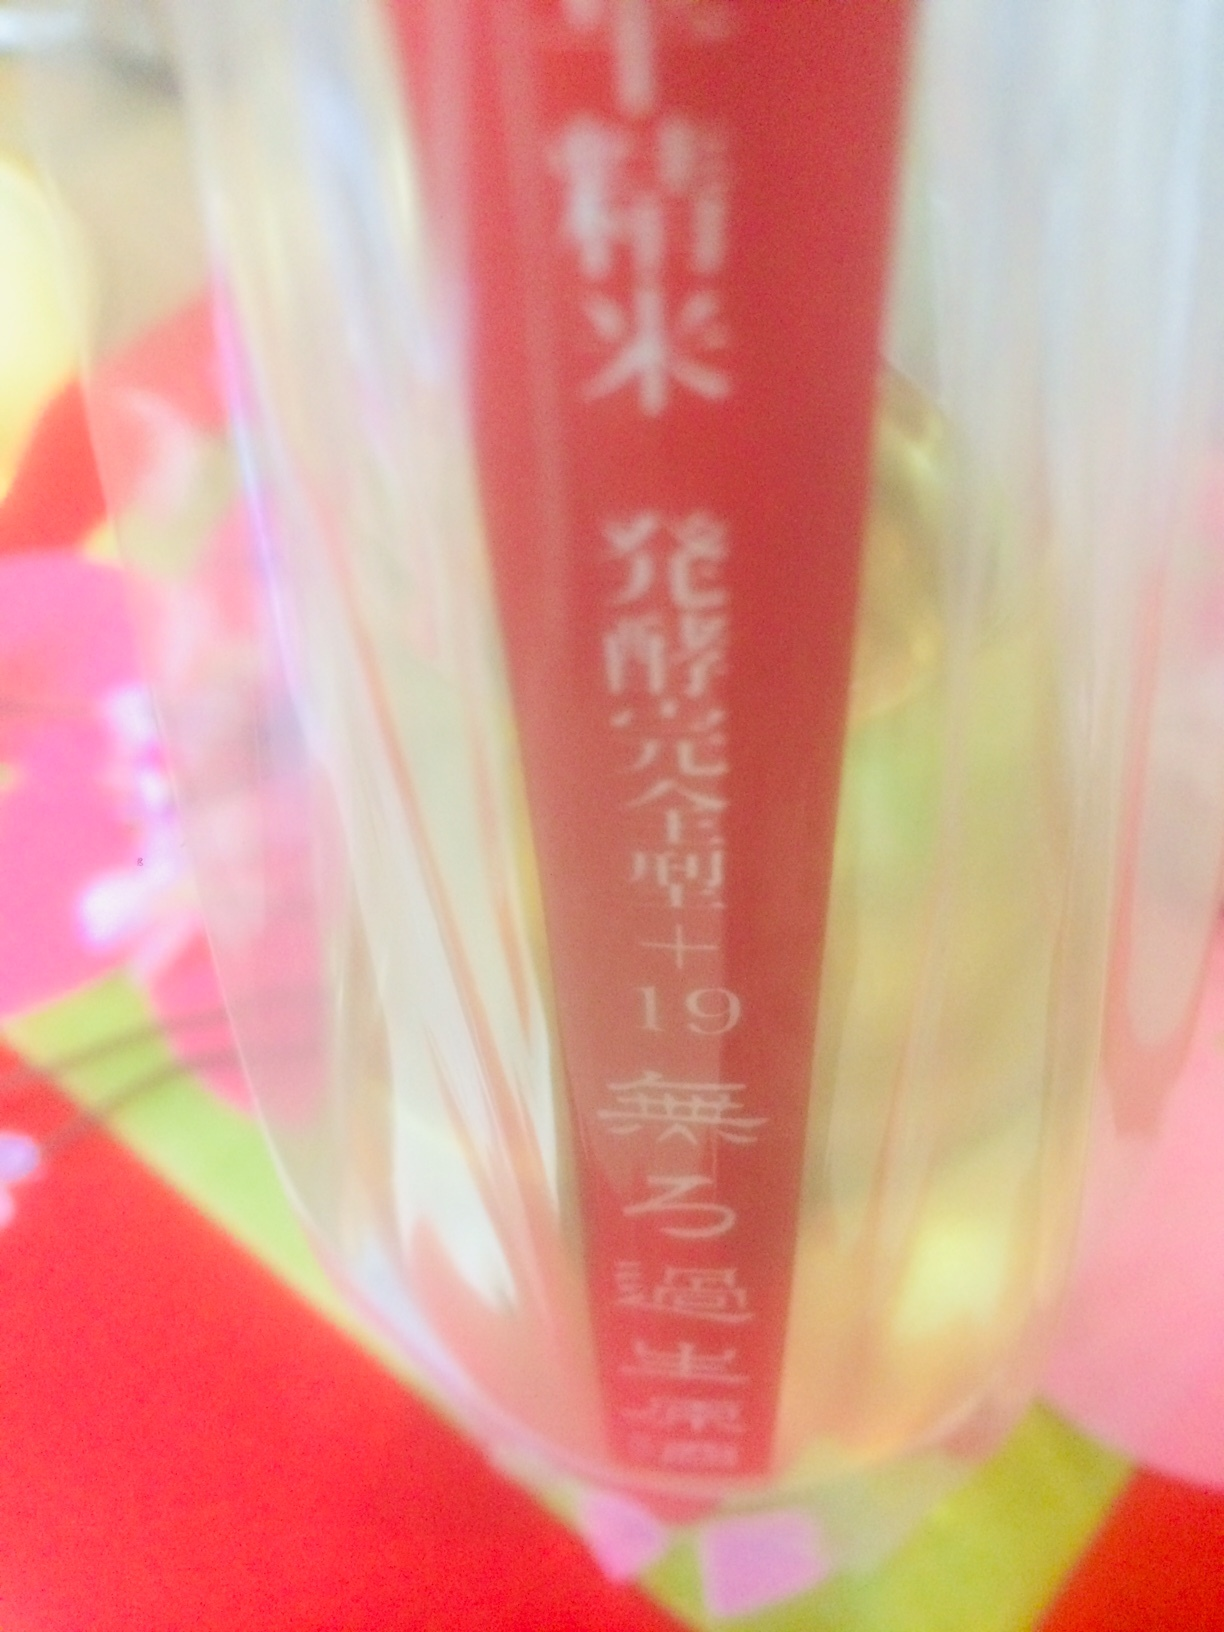 ☆新酒続々なう。新潟県「髙千代」~純米+19しぼりたて無濾過生原酒~☆_c0175182_12120112.jpg